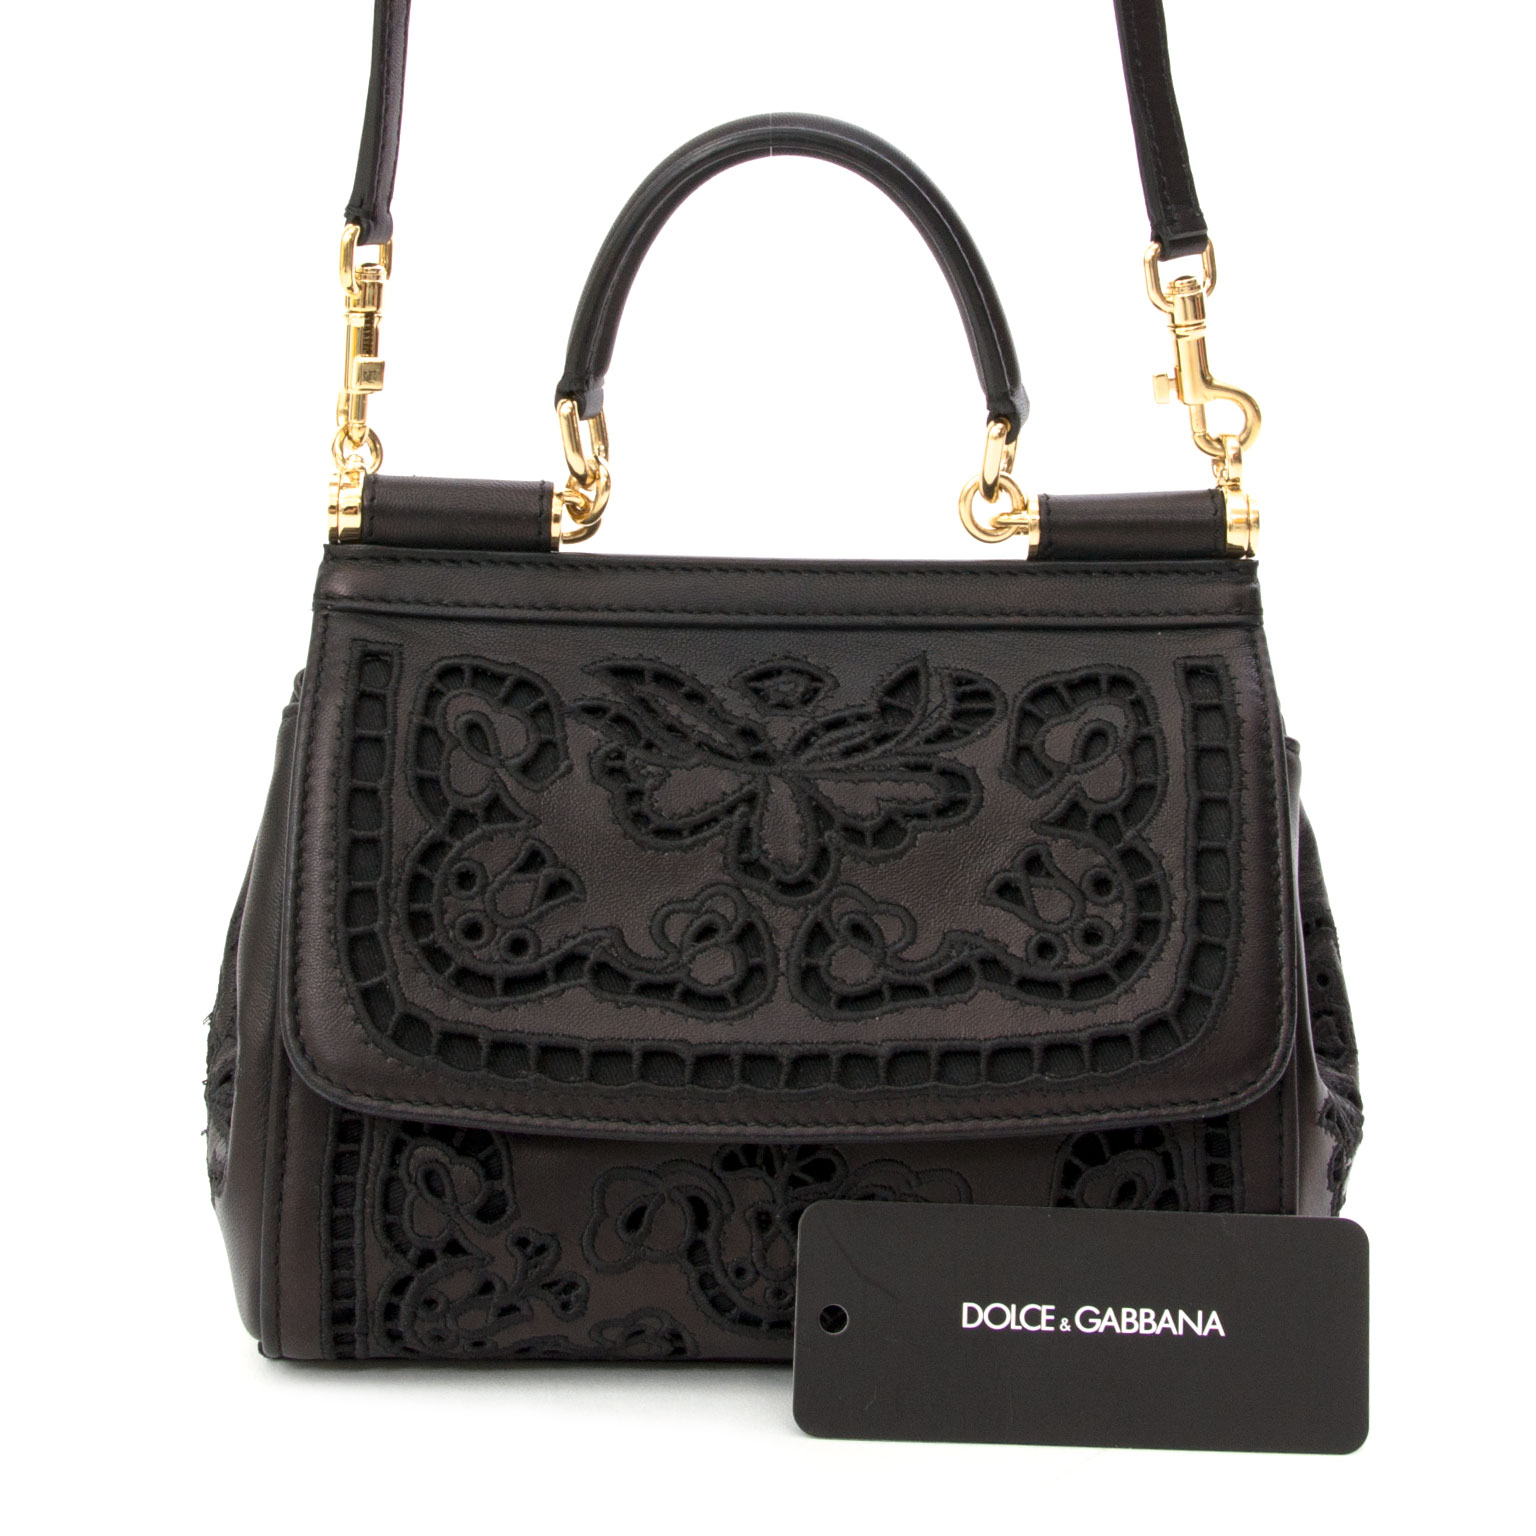 koop online aan de beste prijs Dolce & Gabbana Mini Sicily Bag Cutwork Napa Leather   net als nieuw webshop LabelLov, antwerpen